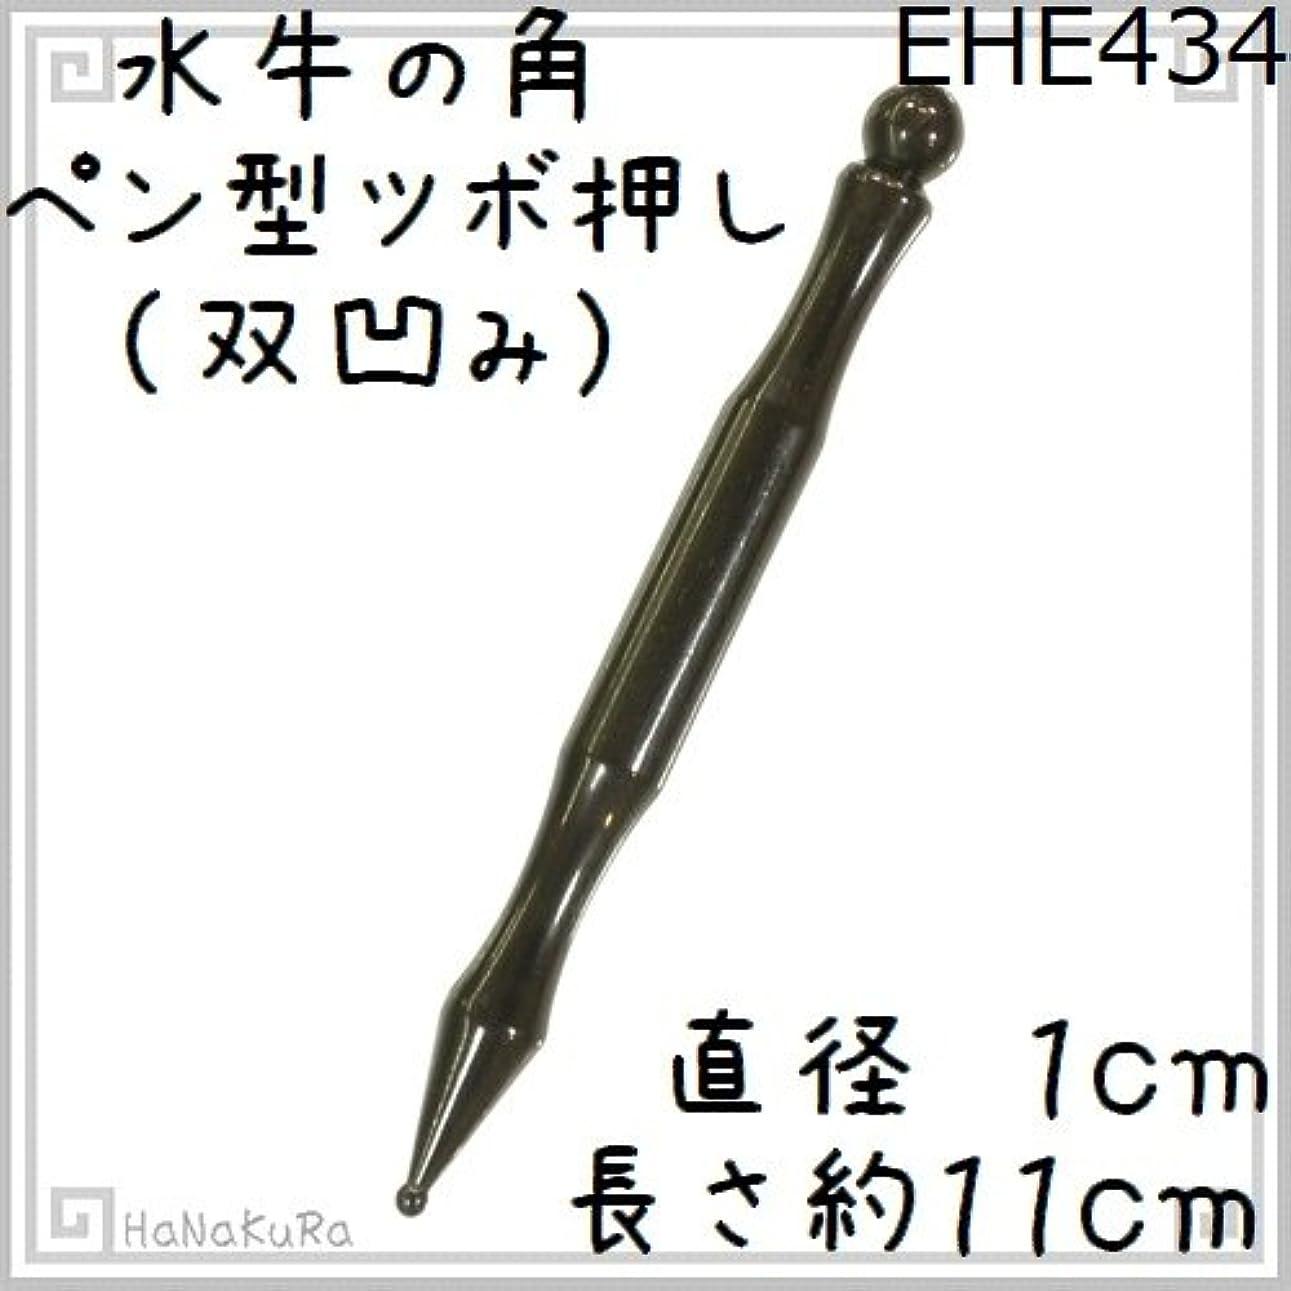 コンセンサス成果タイピストツボ押し 水牛の角 434 ペン型(双凹)